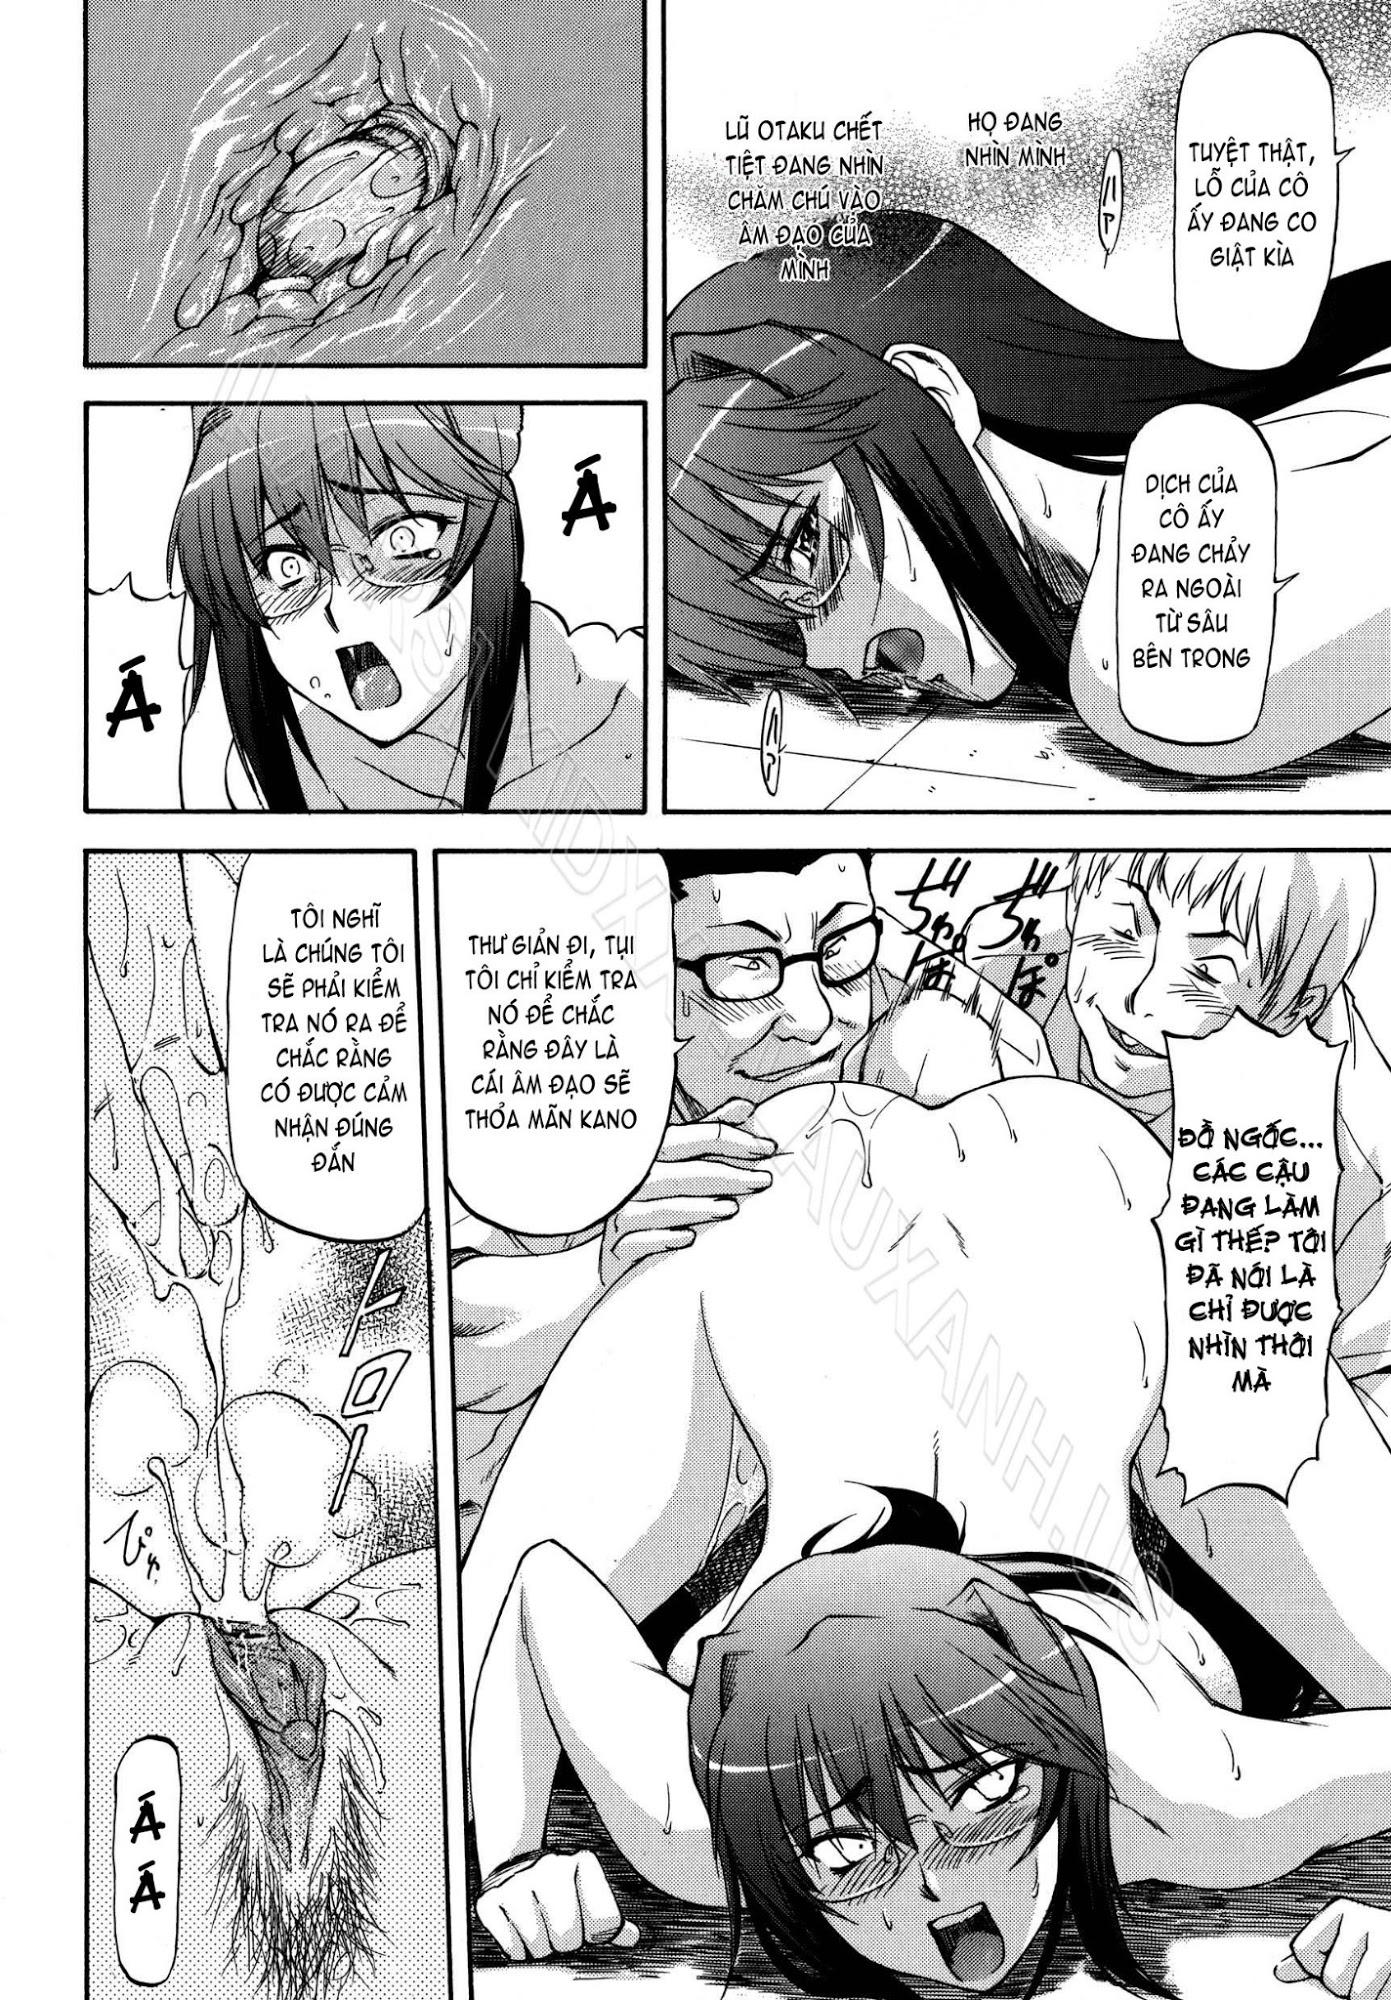 Hình ảnh Hinh_011 in Truyện tranh hentai không che: Parabellum